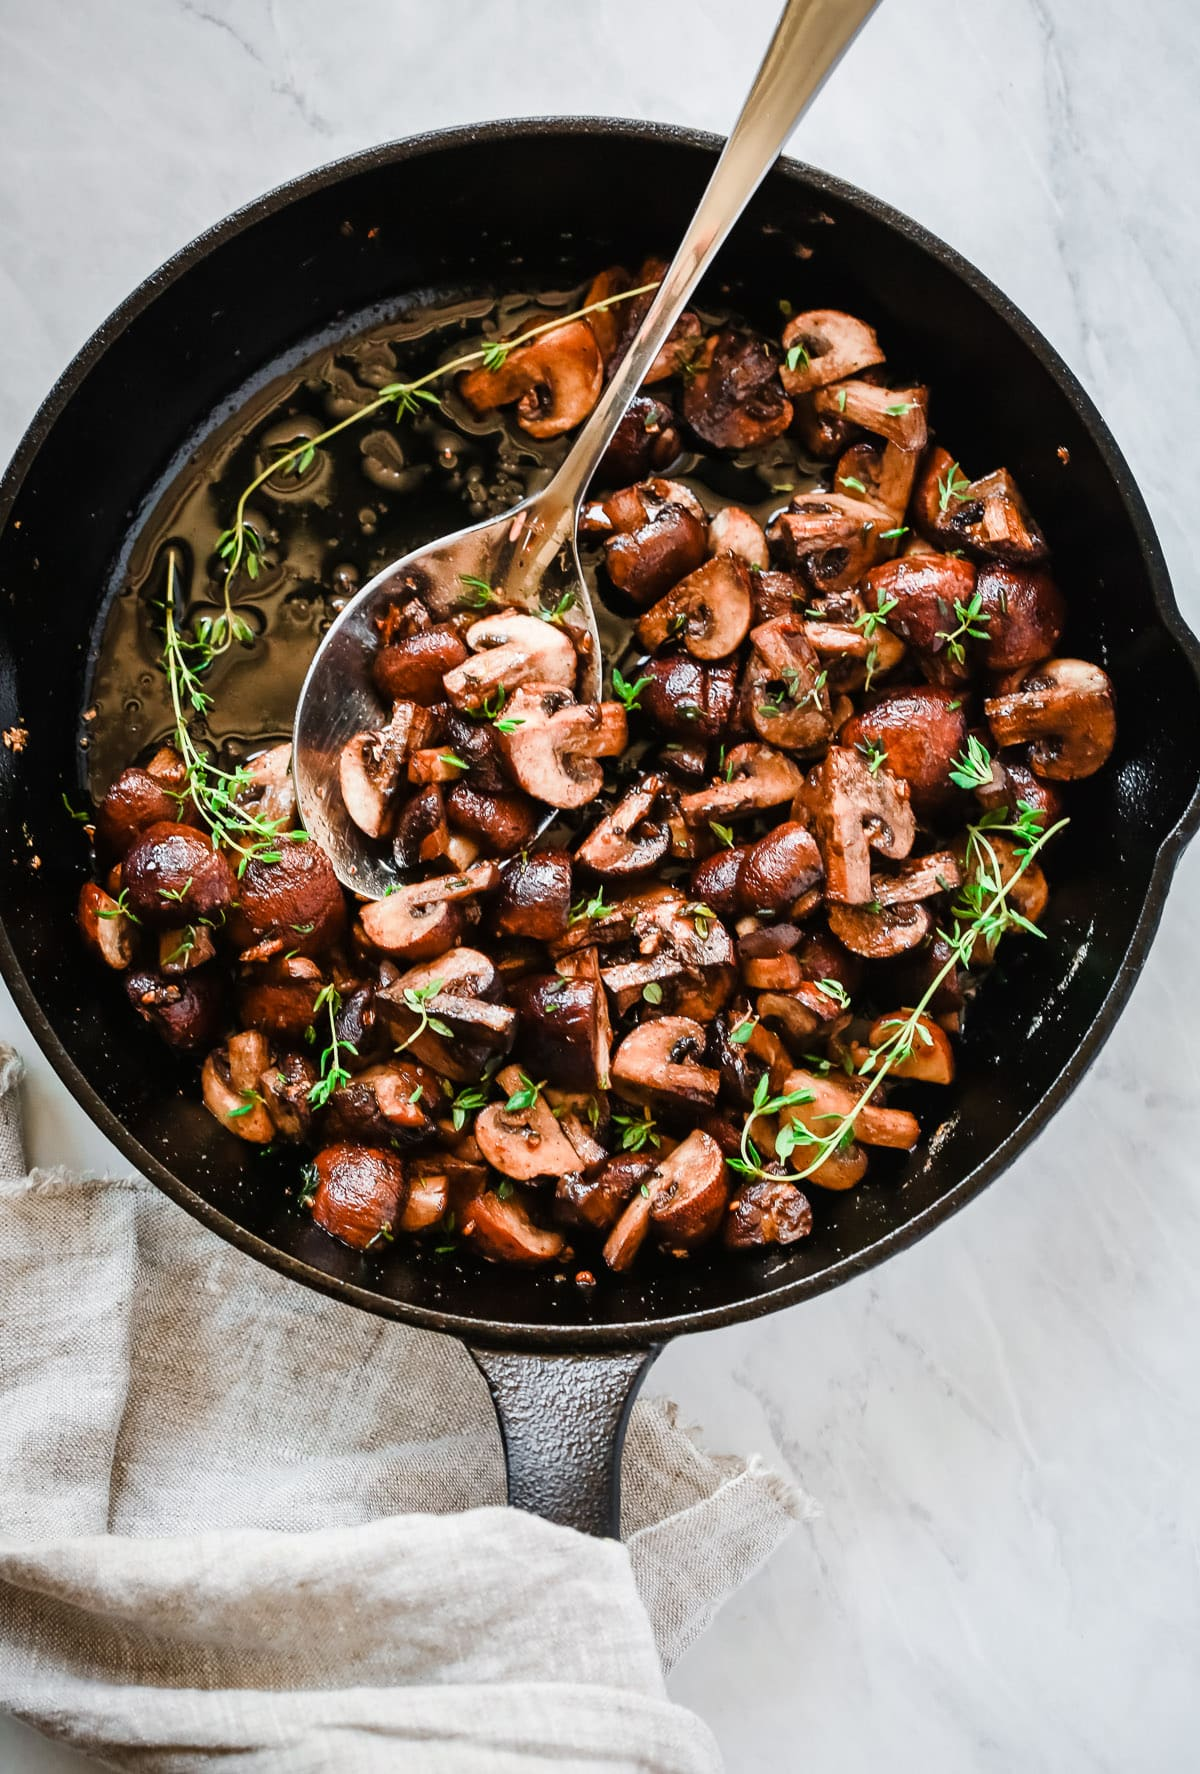 Easy Garlic Butter Mushroom Skillet